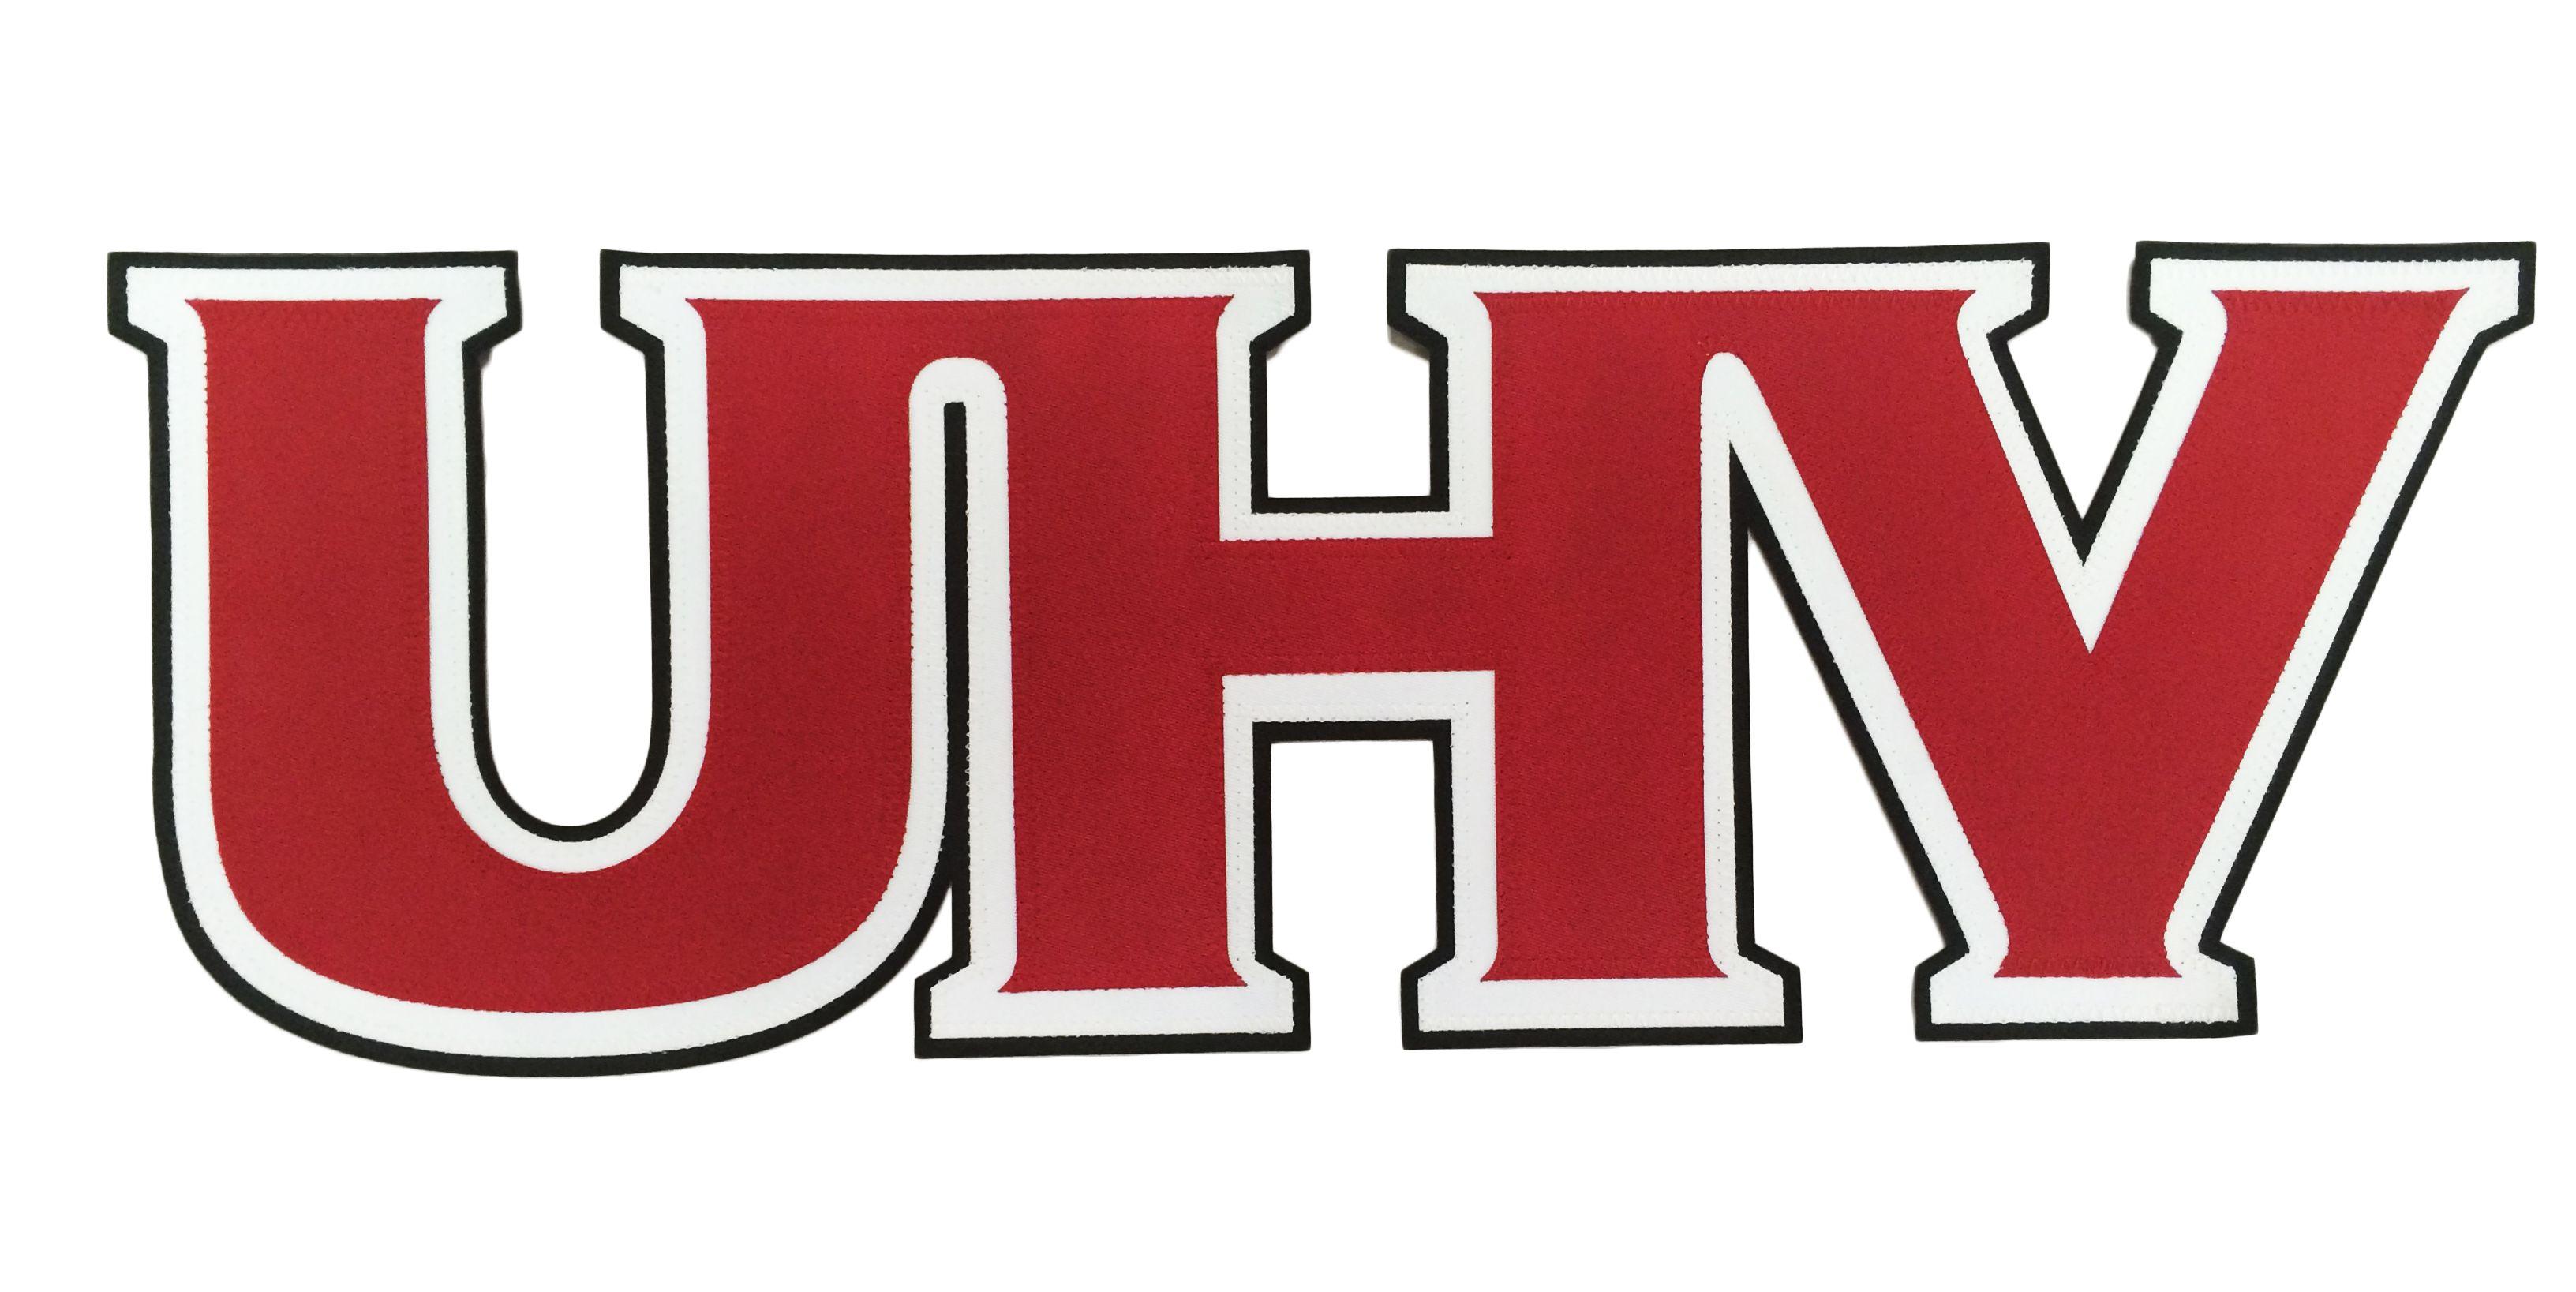 Pin by jessryangaede on maximum promotions arizona logo